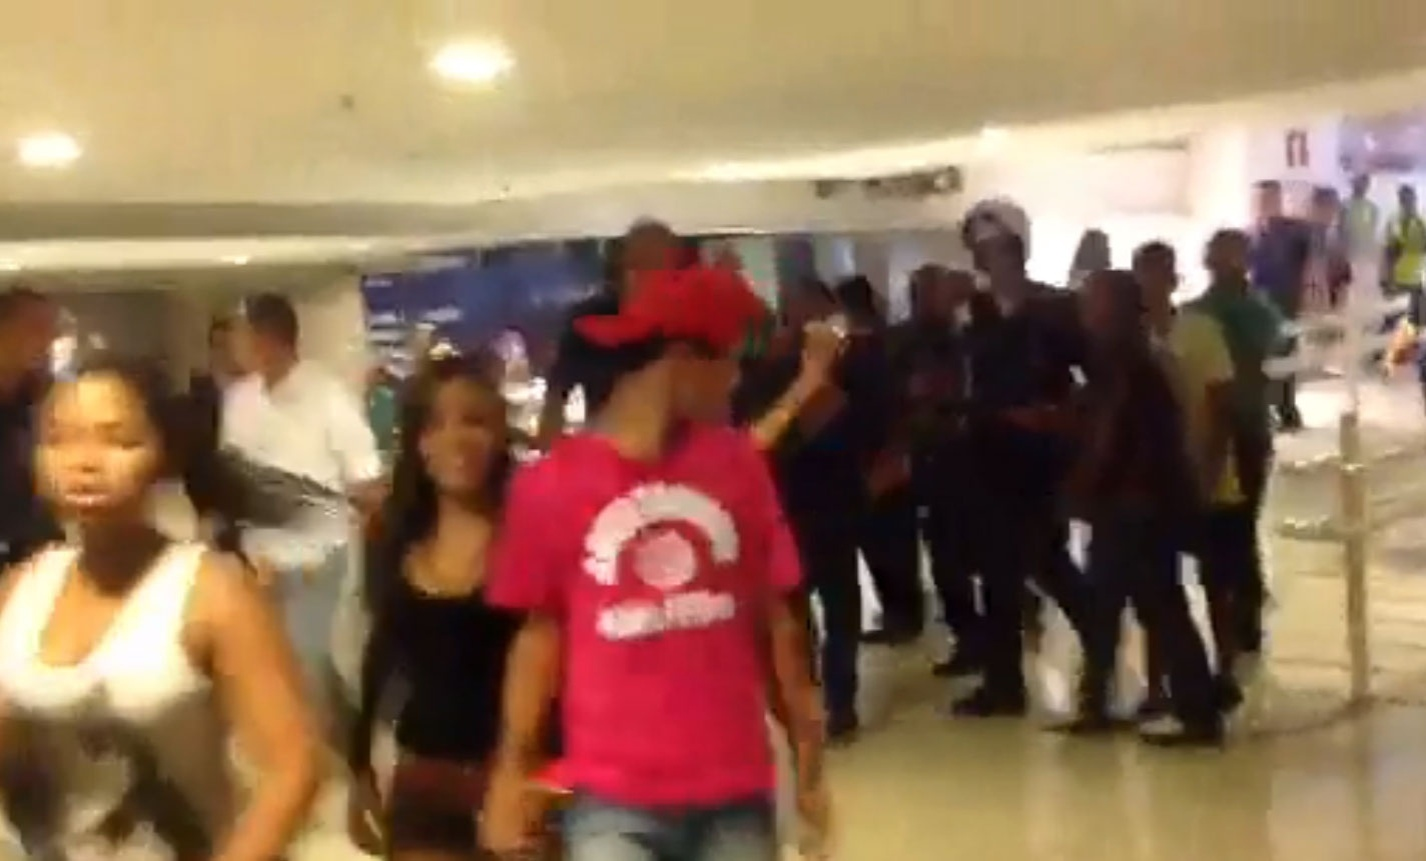 3.mai.2014 - Seguranças do Shopping Estação BH em Belo Horizonte utilizaram taser (arma que dá choques, imobilizando a pessoa) e cassetete para barrar o acesso de adolescentes às dependências do estabelecimento na tarde deste domingo (4)